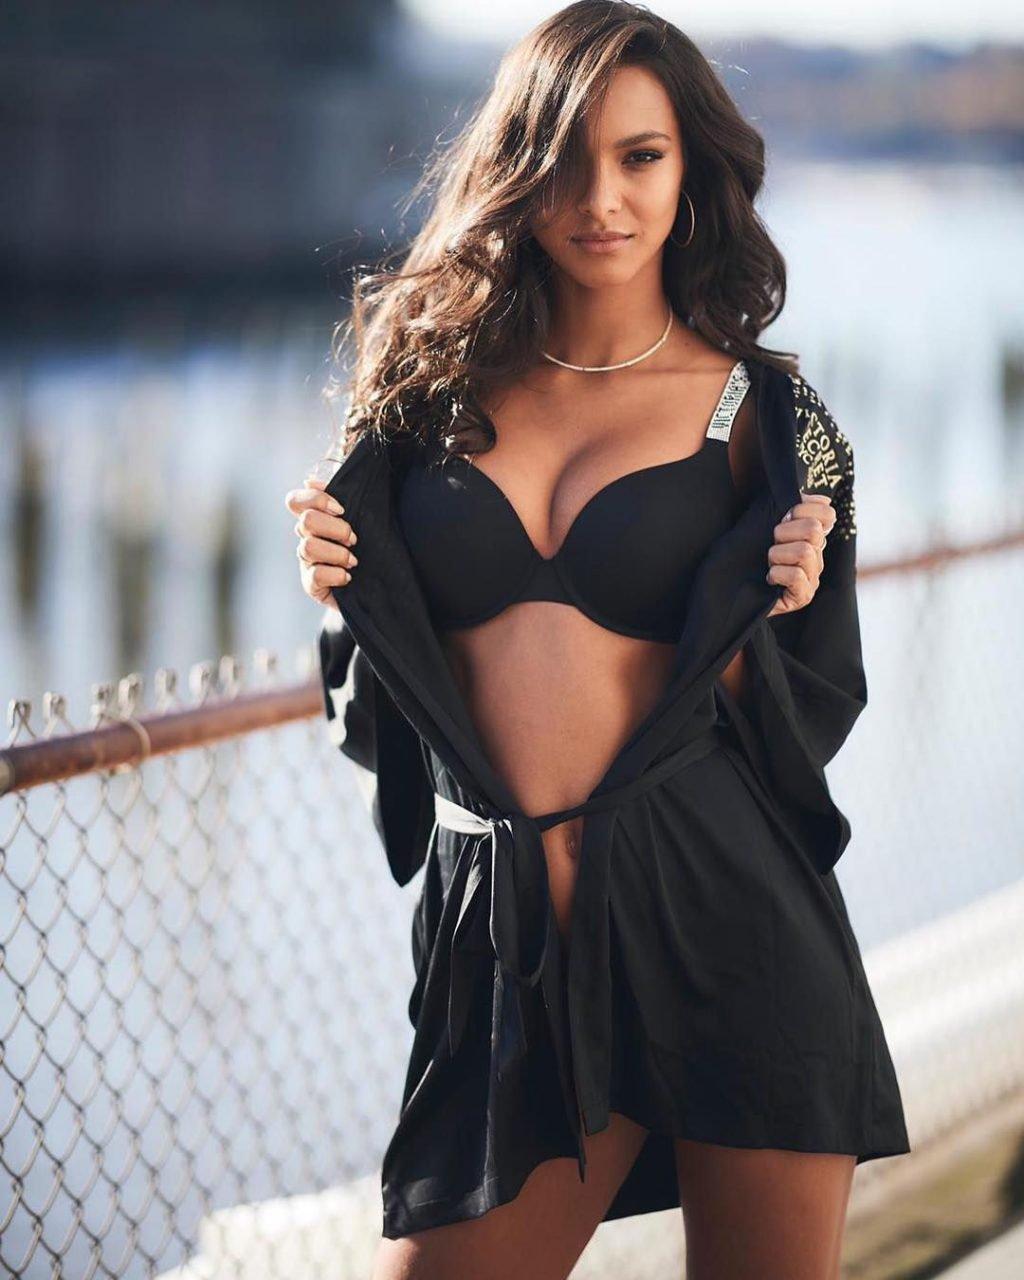 Lais Ribeiro Sexy (23 Photos)